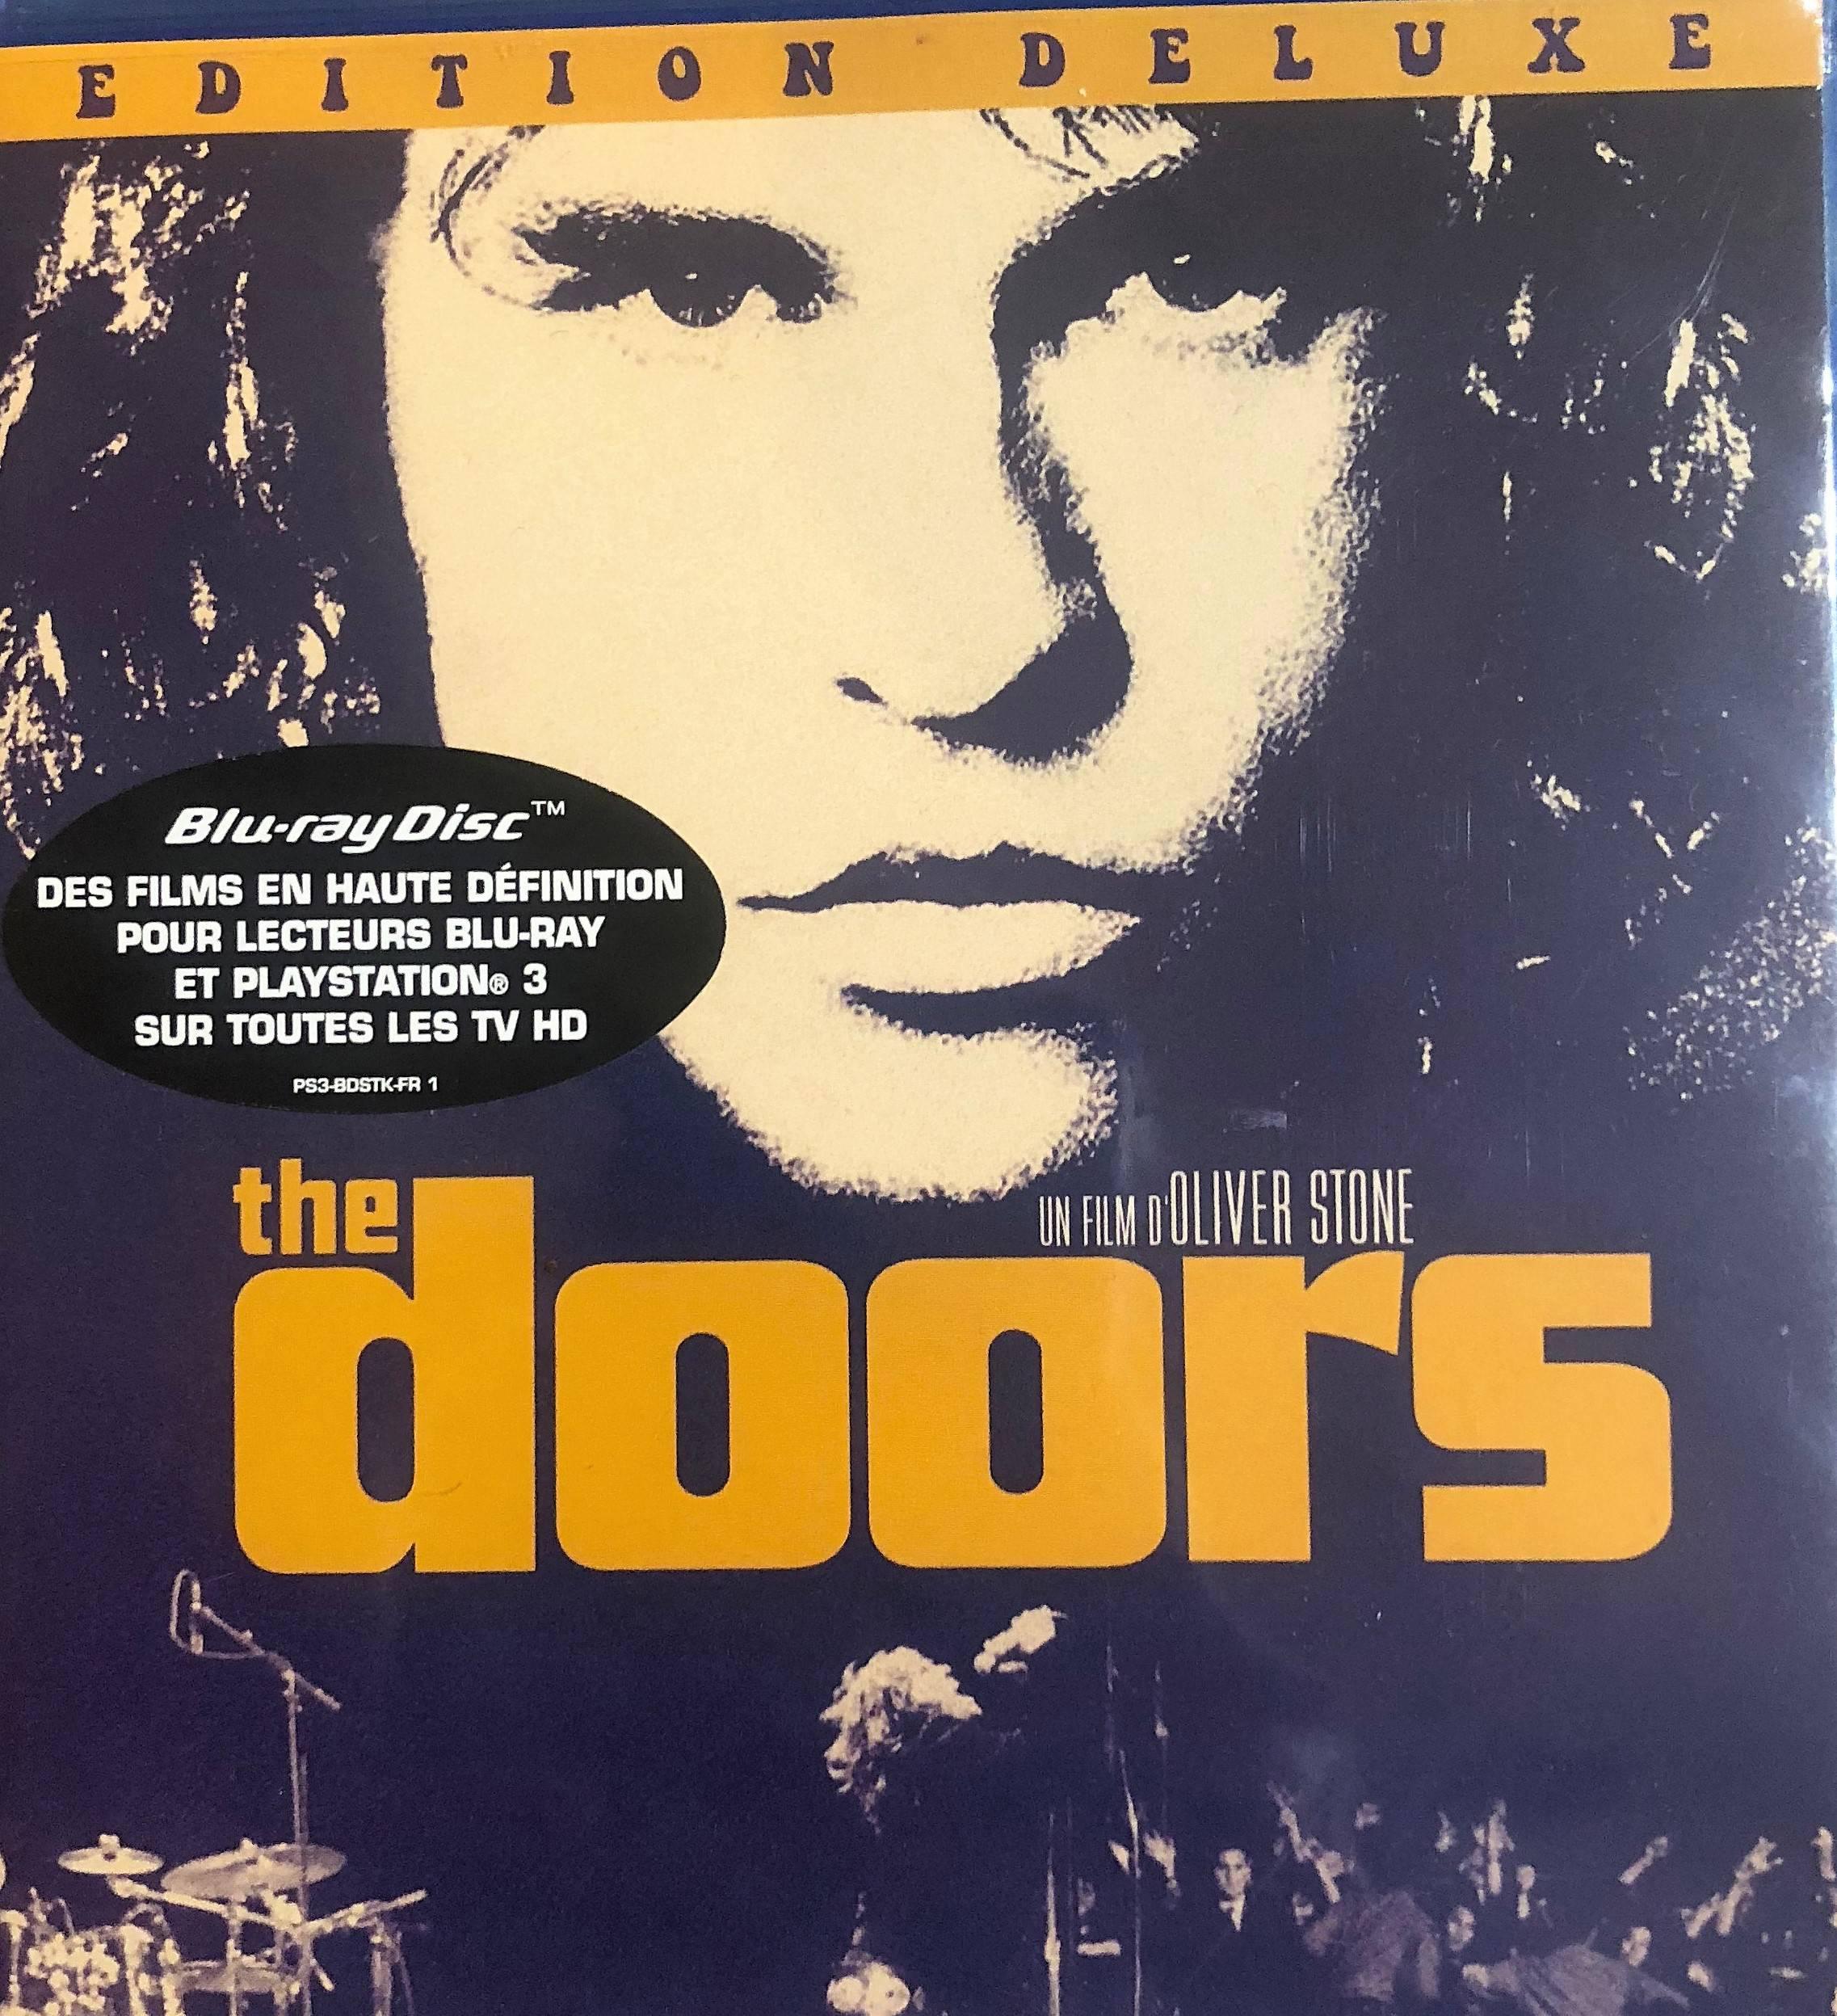 THE DOORS - The Doors - Others